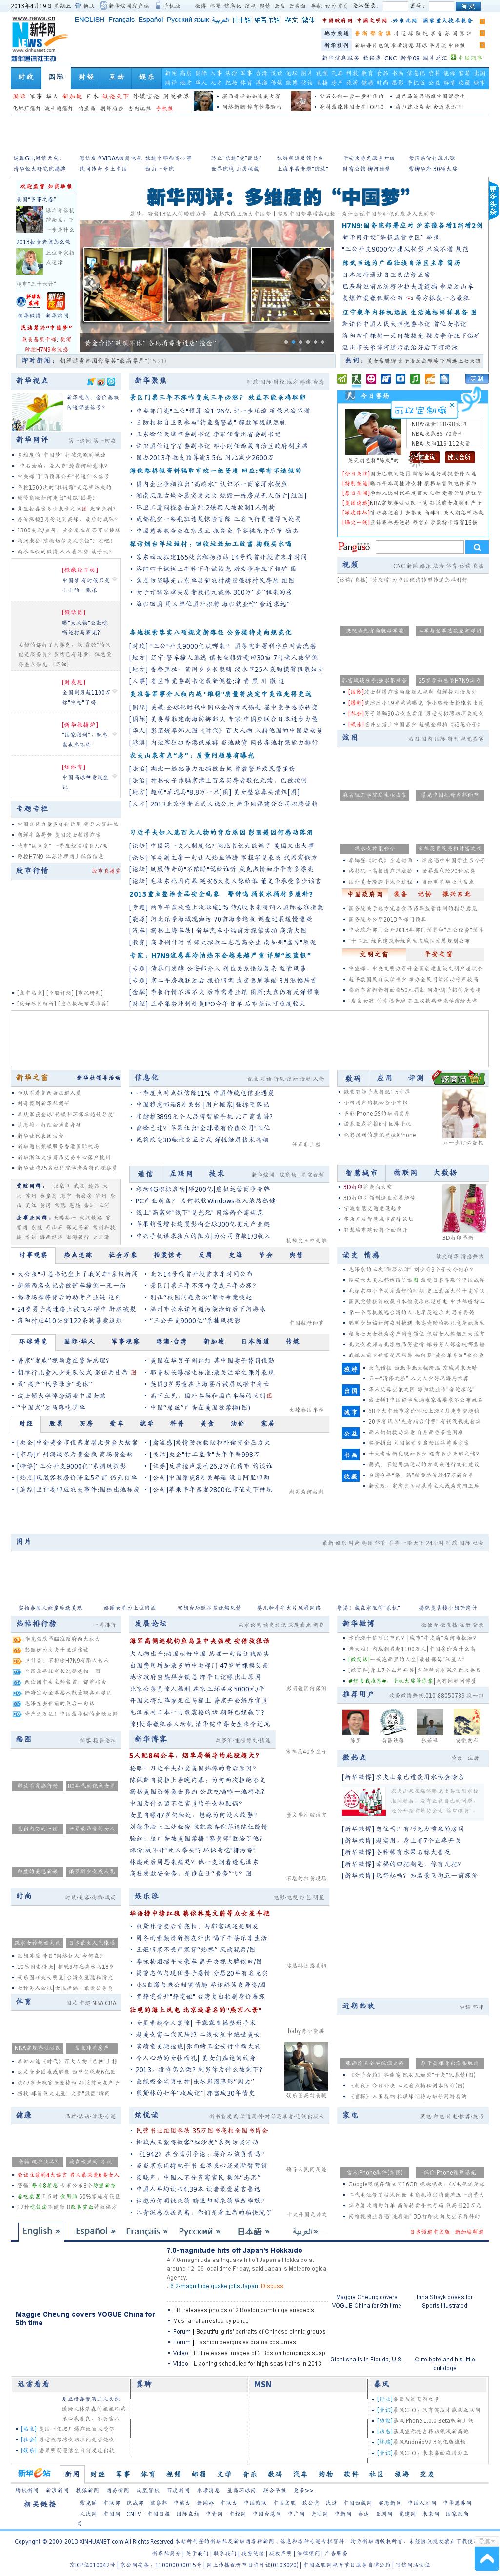 Xinhua at Friday April 19, 2013, 7:26 a.m. UTC